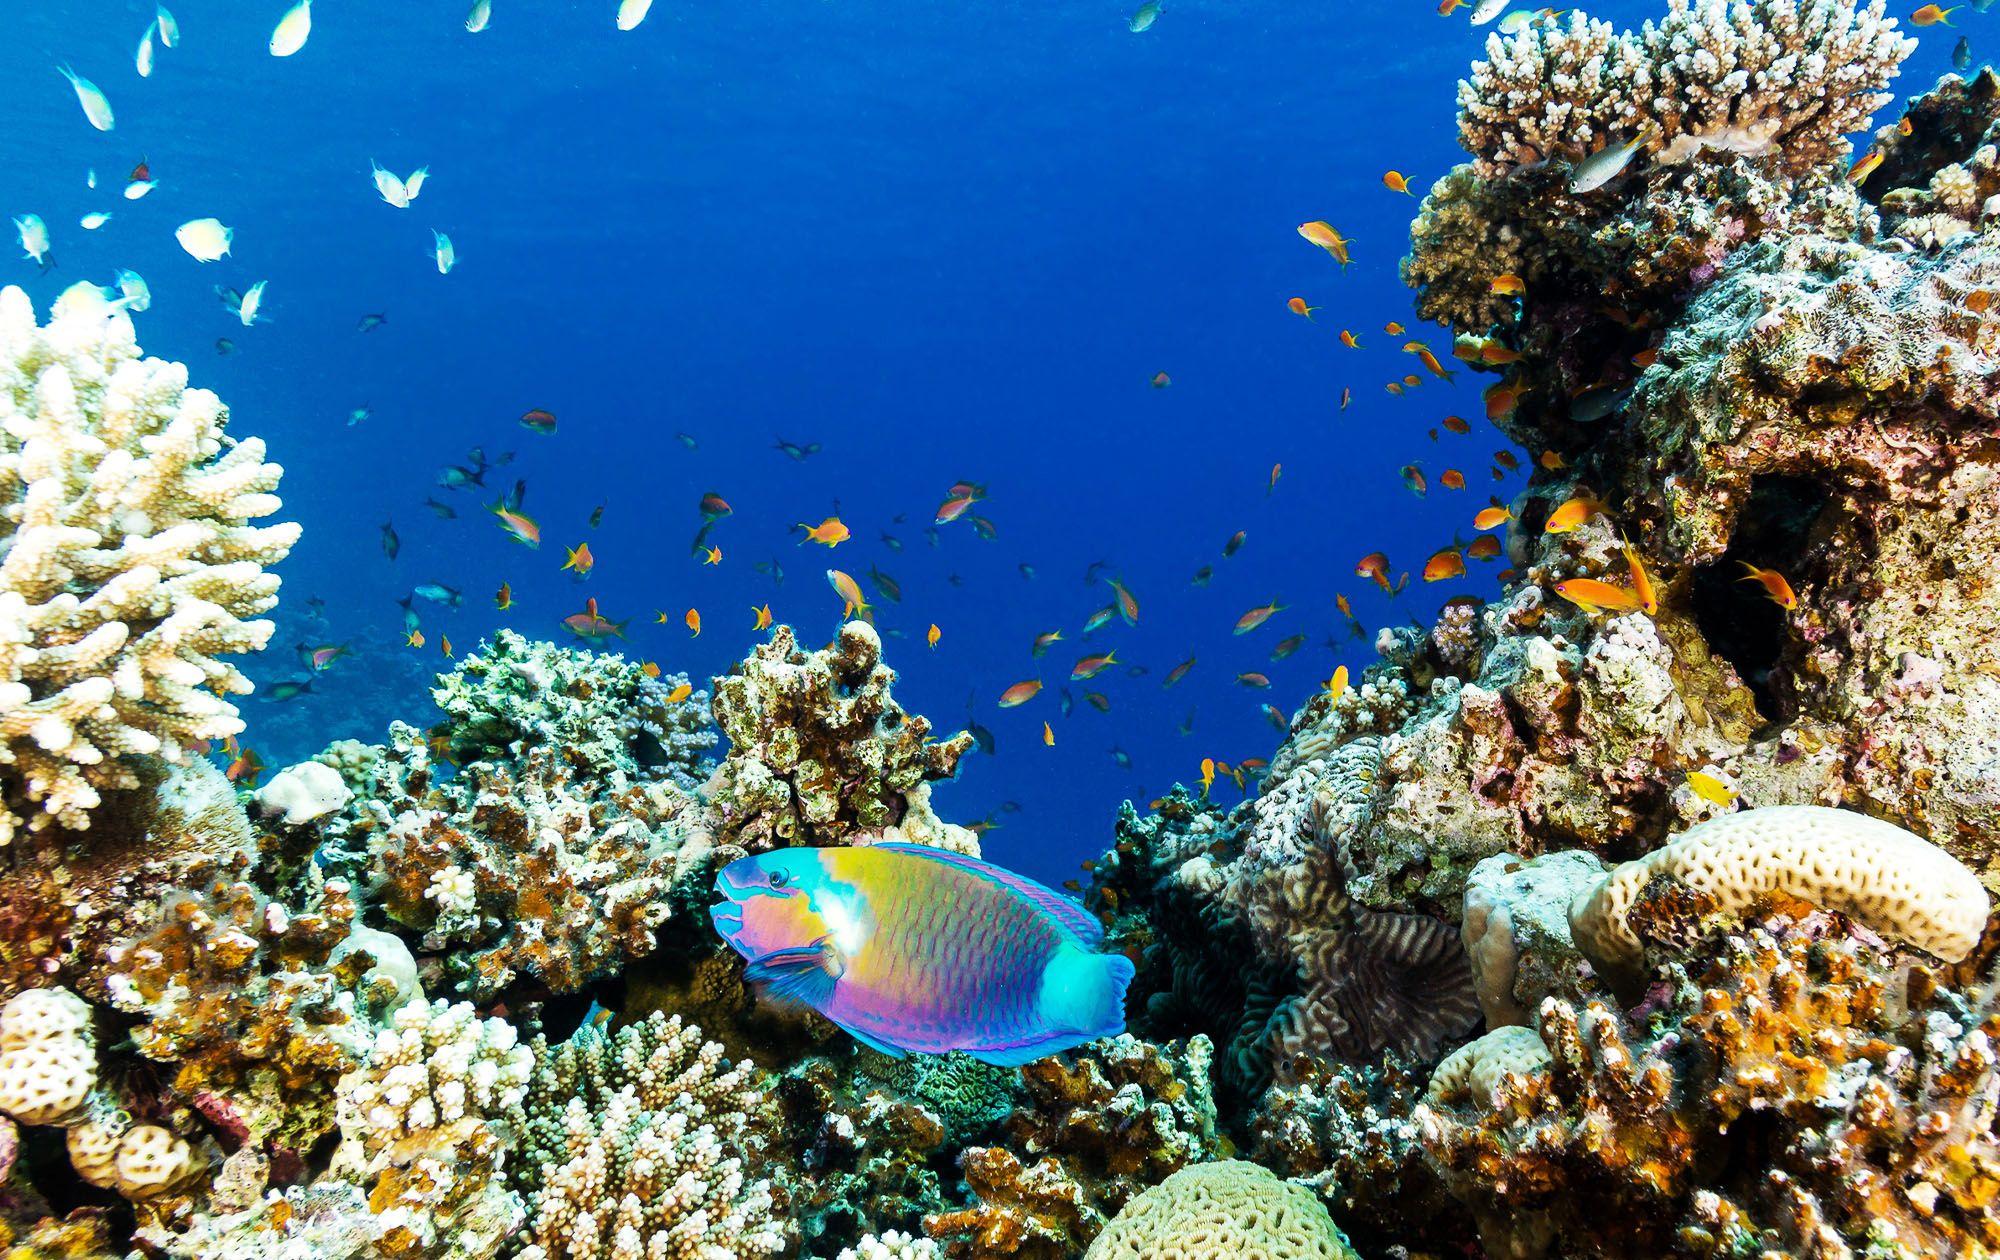 Parrot Fish Scuba Dive Coral Reef